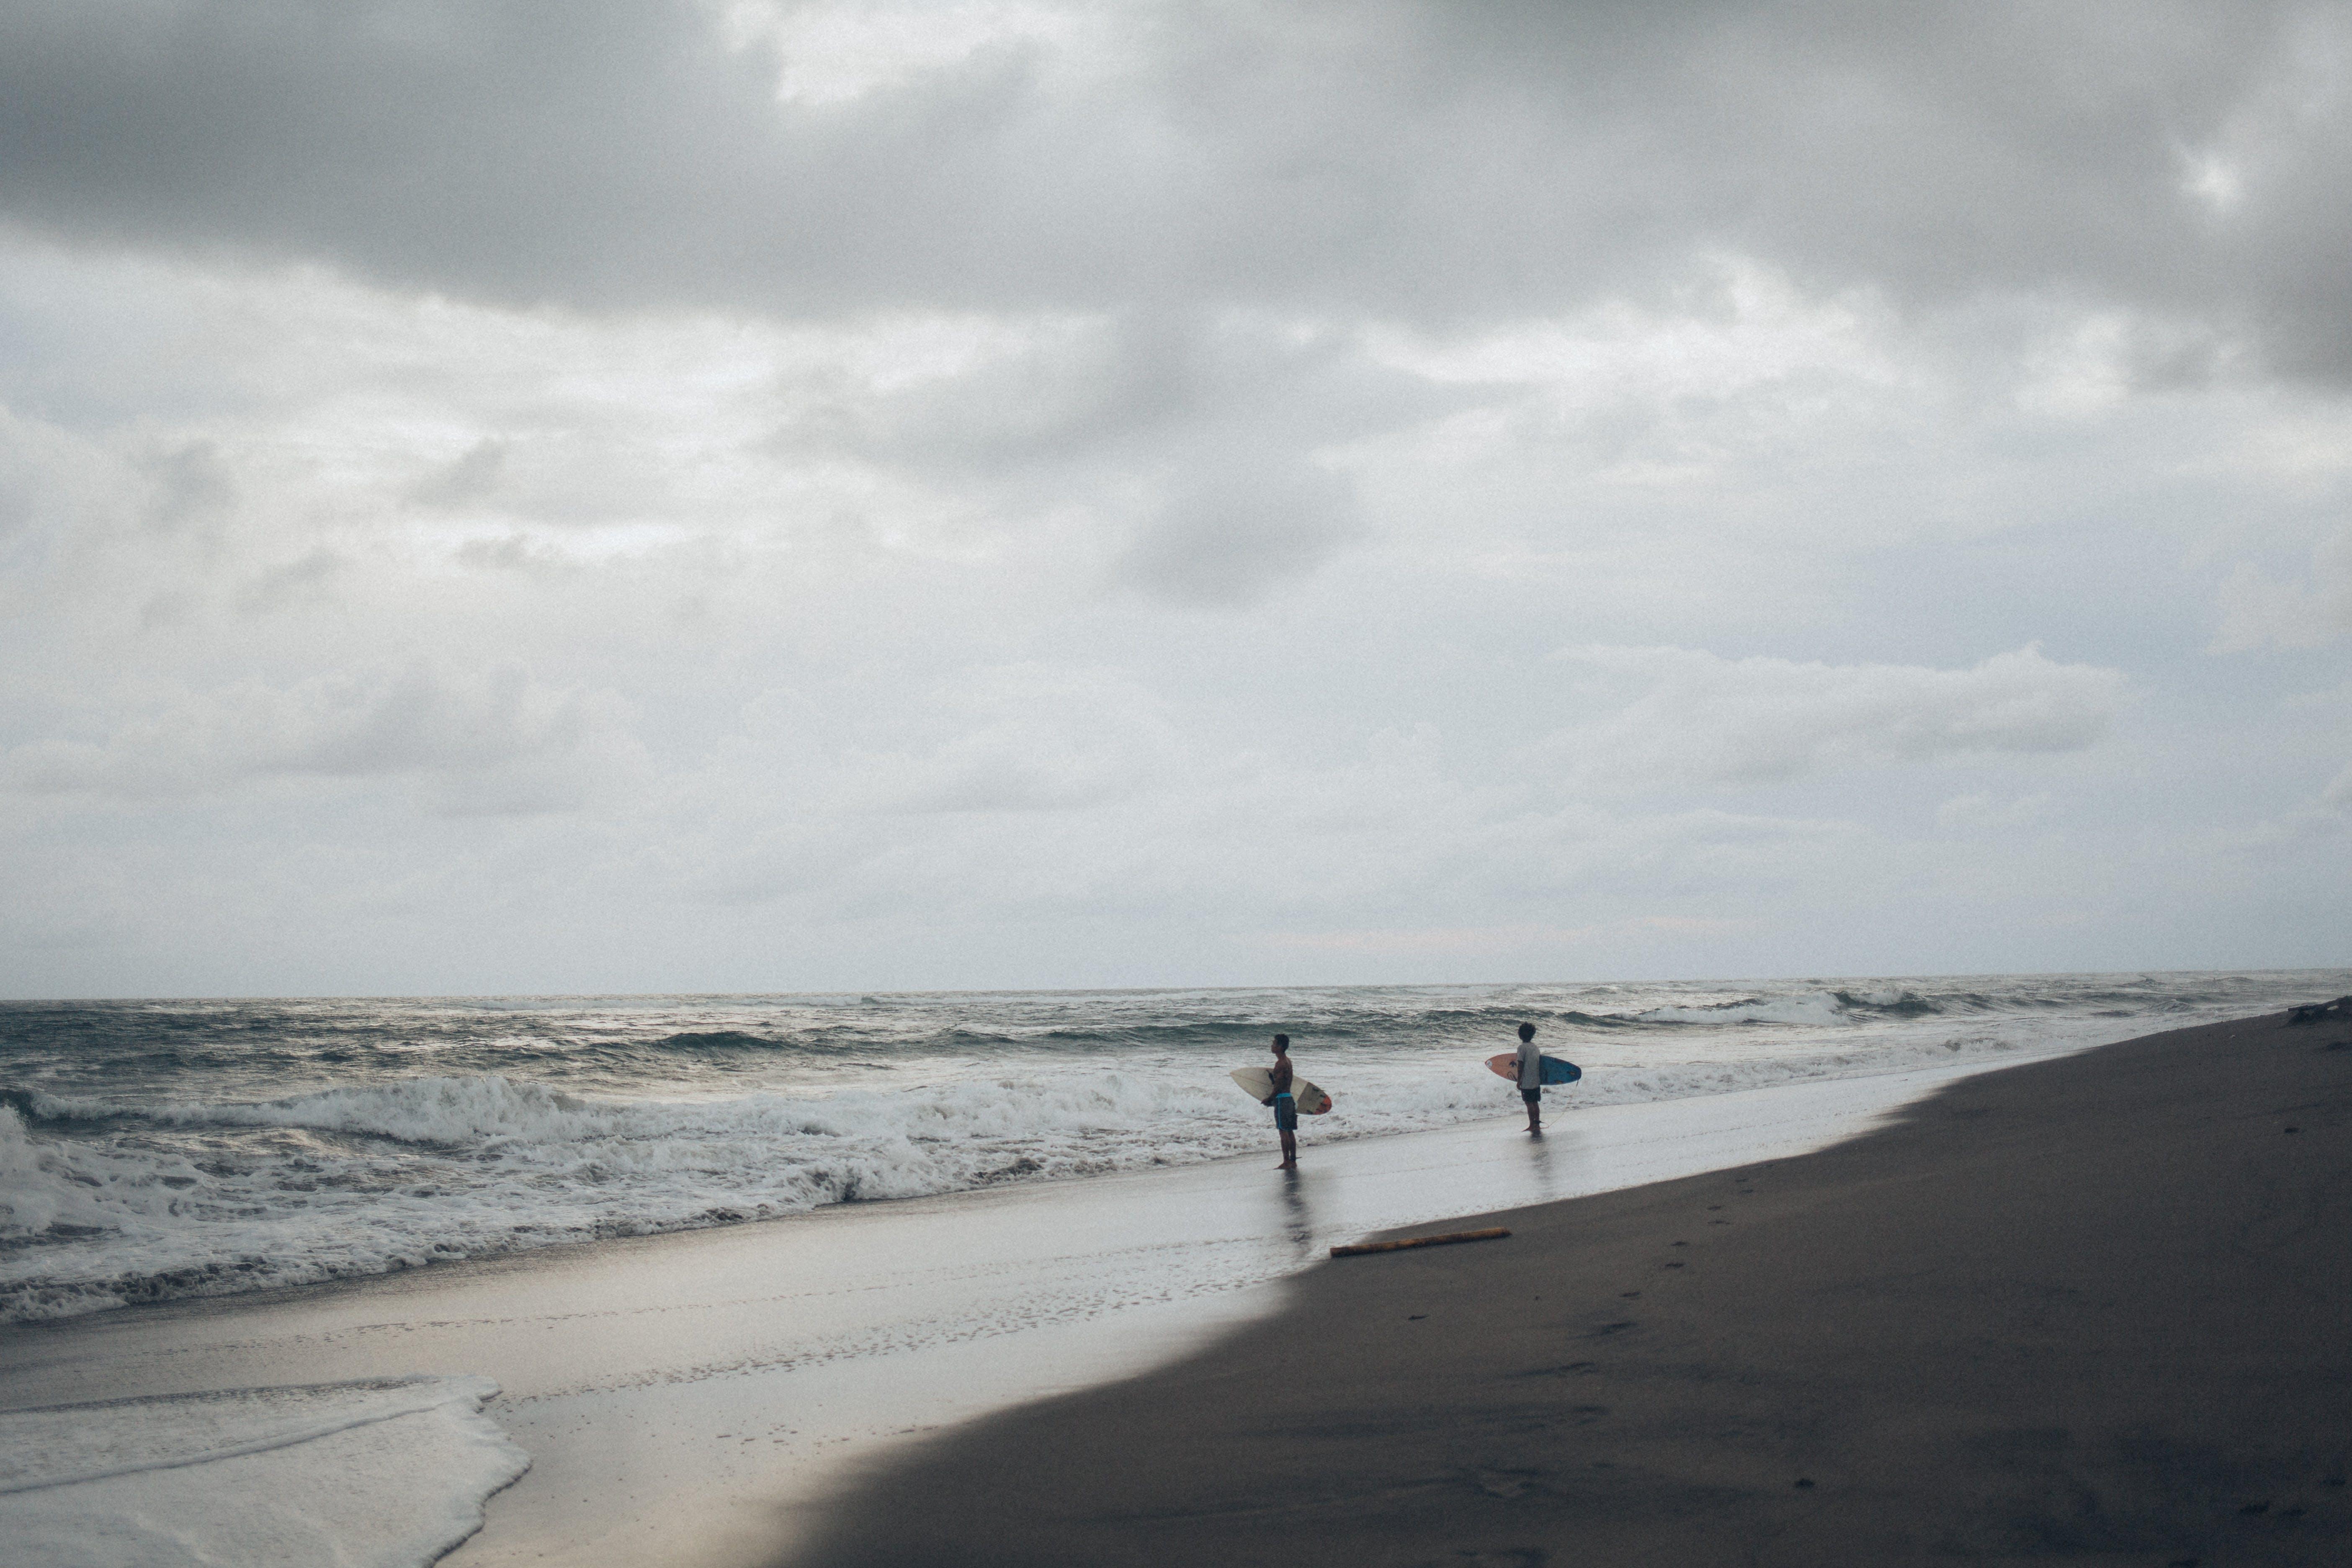 Kostnadsfri bild av hav, havsområde, havsstrand, strand